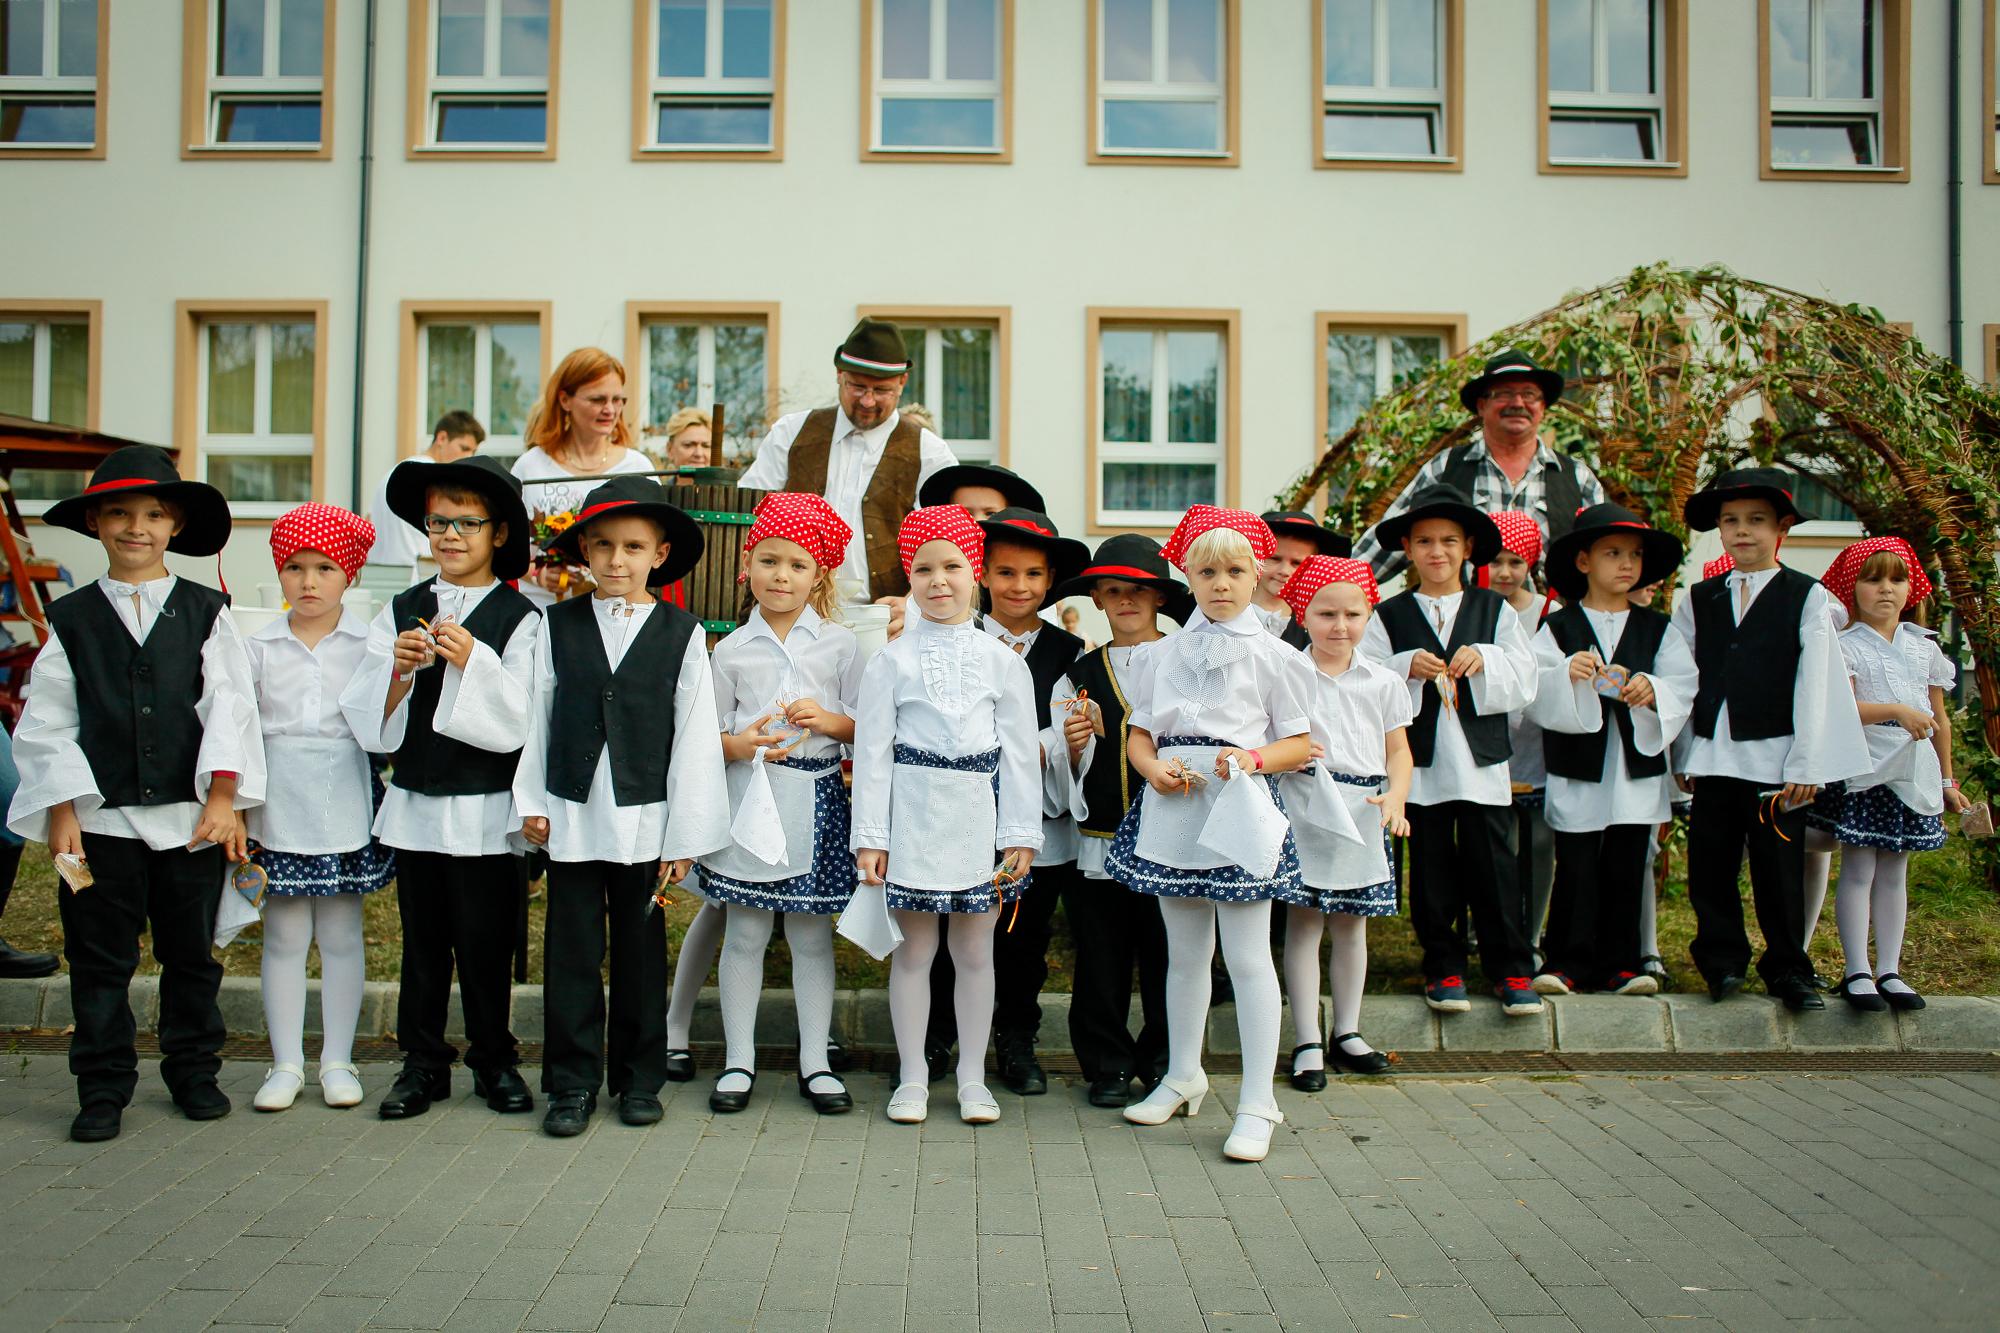 http://kolorline.hu/Felvonulással indul a Kolorfolk hétvége